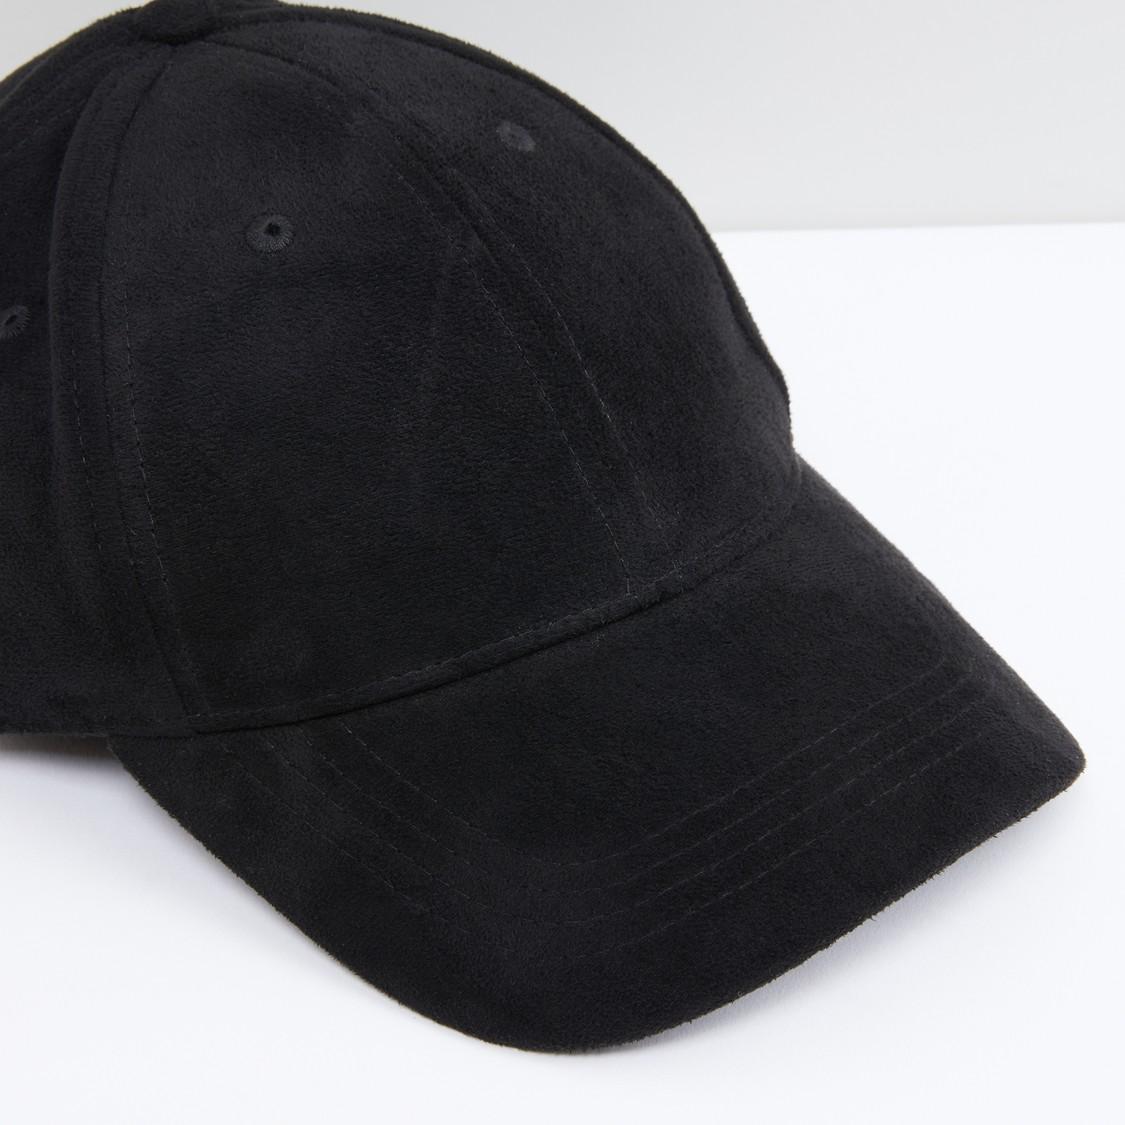 قبعة كاب بشريط مطاطي ودرزات